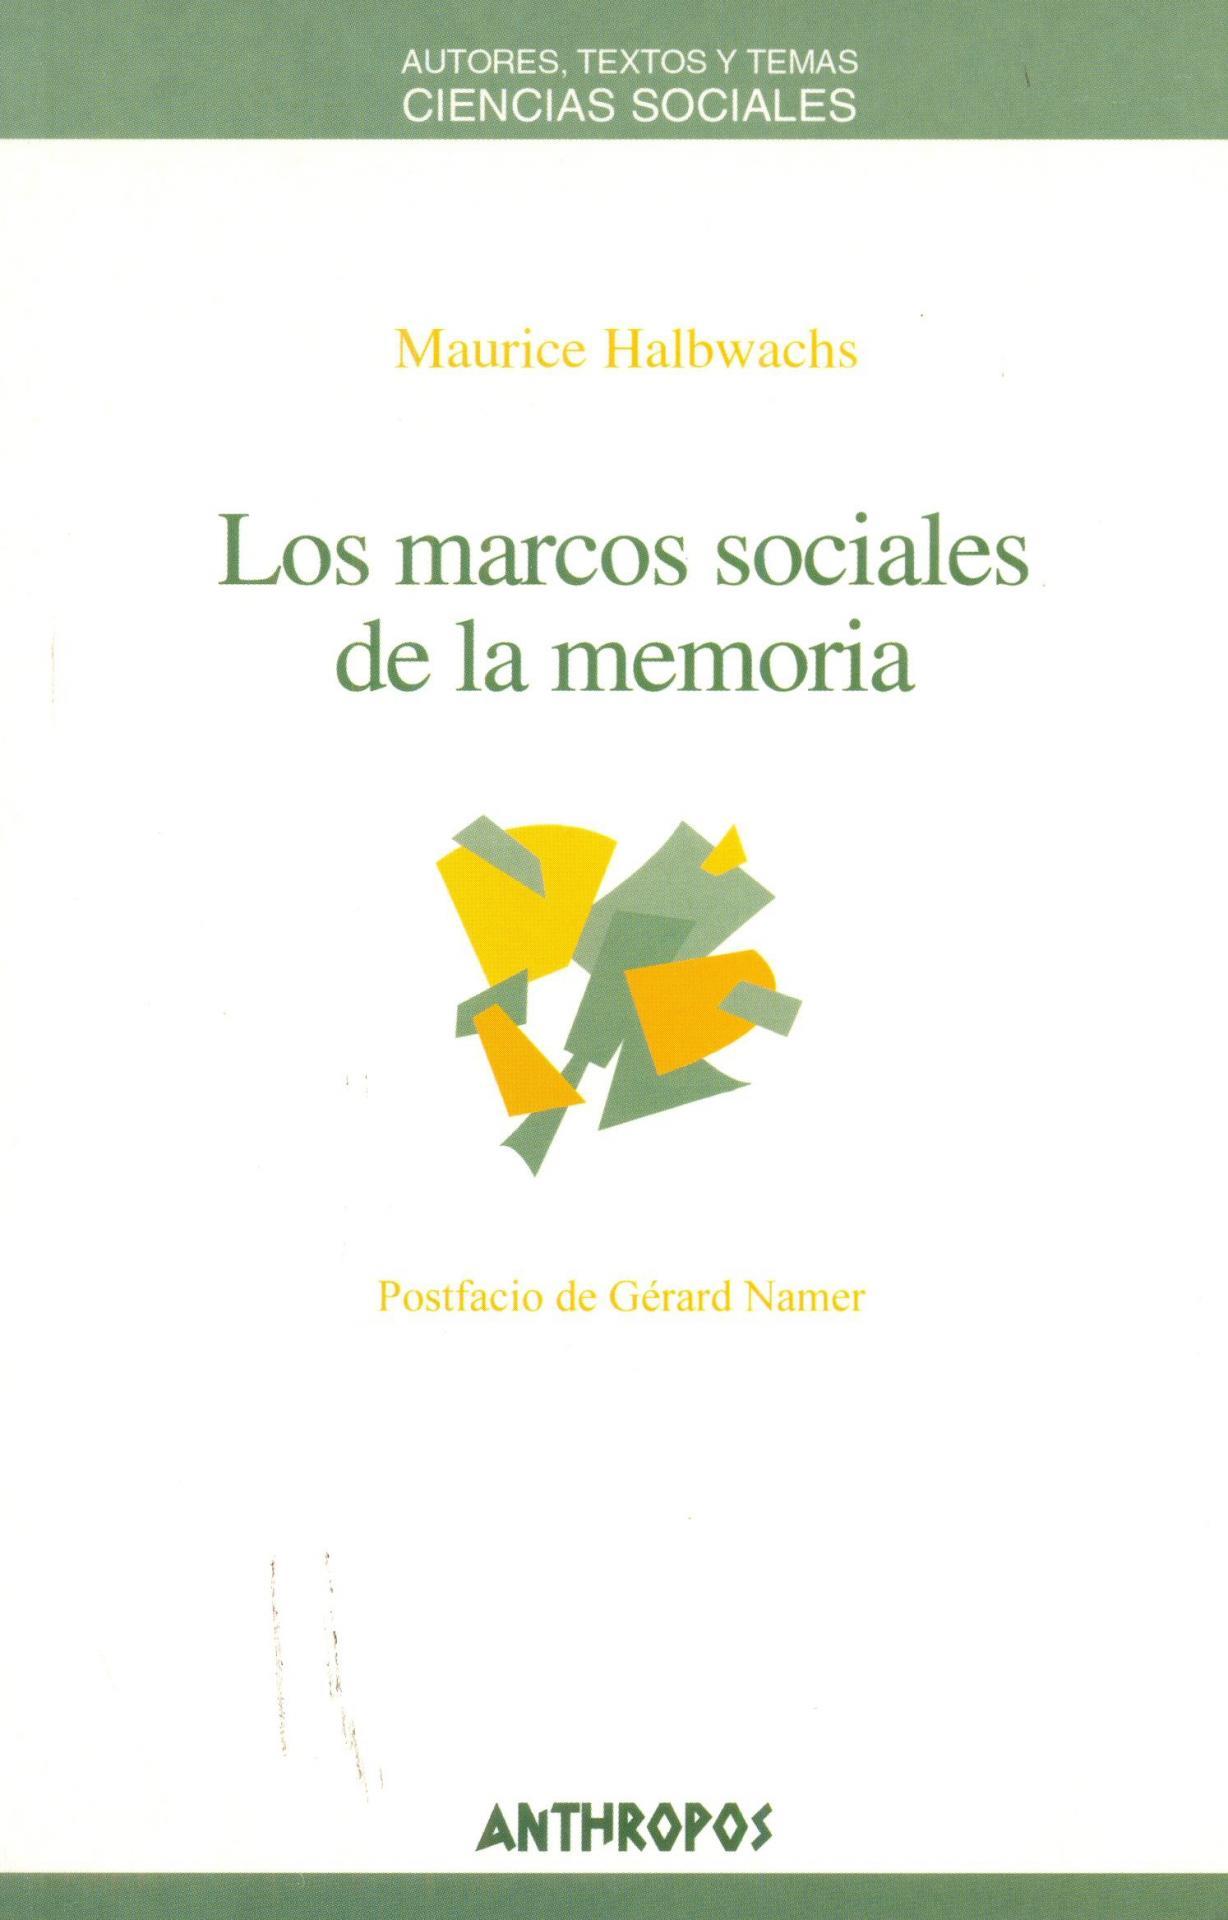 LOS MARCOS SOCIALES DE LA MEMORIA. De Gérard, P.